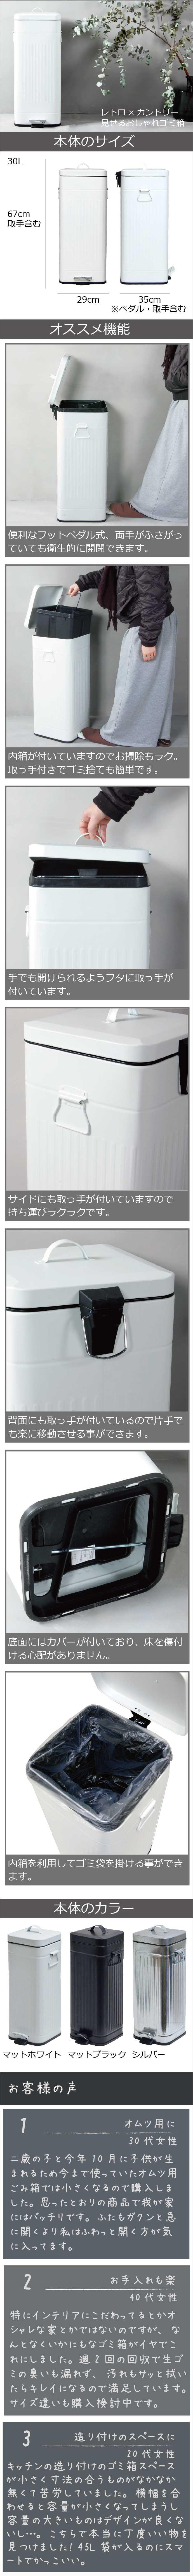 懐かしい印象のデザインゴミ箱。Galva ダストボックス 30L ゴミ箱 おしゃれ ふた付きゴミ箱 おしゃれゴミ箱 分別おしゃれゴミ箱 屋外おしゃれゴミ箱 45L可おしゃれゴミ箱 45リットル可おしゃれゴミ箱 スリムおしゃれゴミ箱 ペダルおしゃれゴミ箱 キッチンおしゃれゴミ箱 リビングおしゃれゴミ箱 縦型ゴミ箱